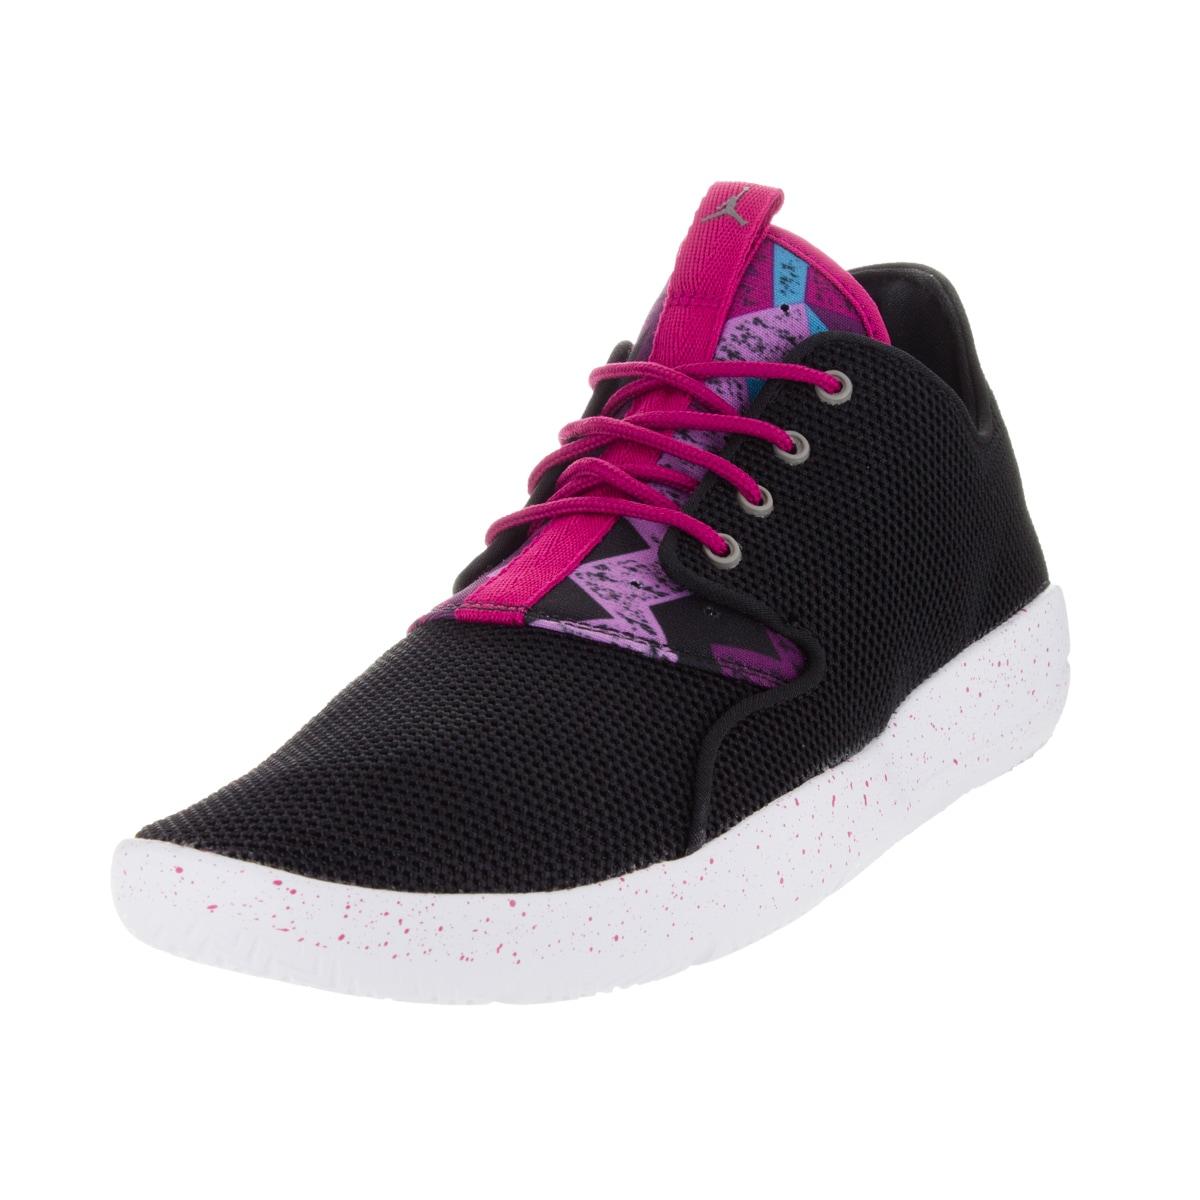 Nike Jordan Kid's Jordan Eclipse Gg Black/Metallic Pewter...